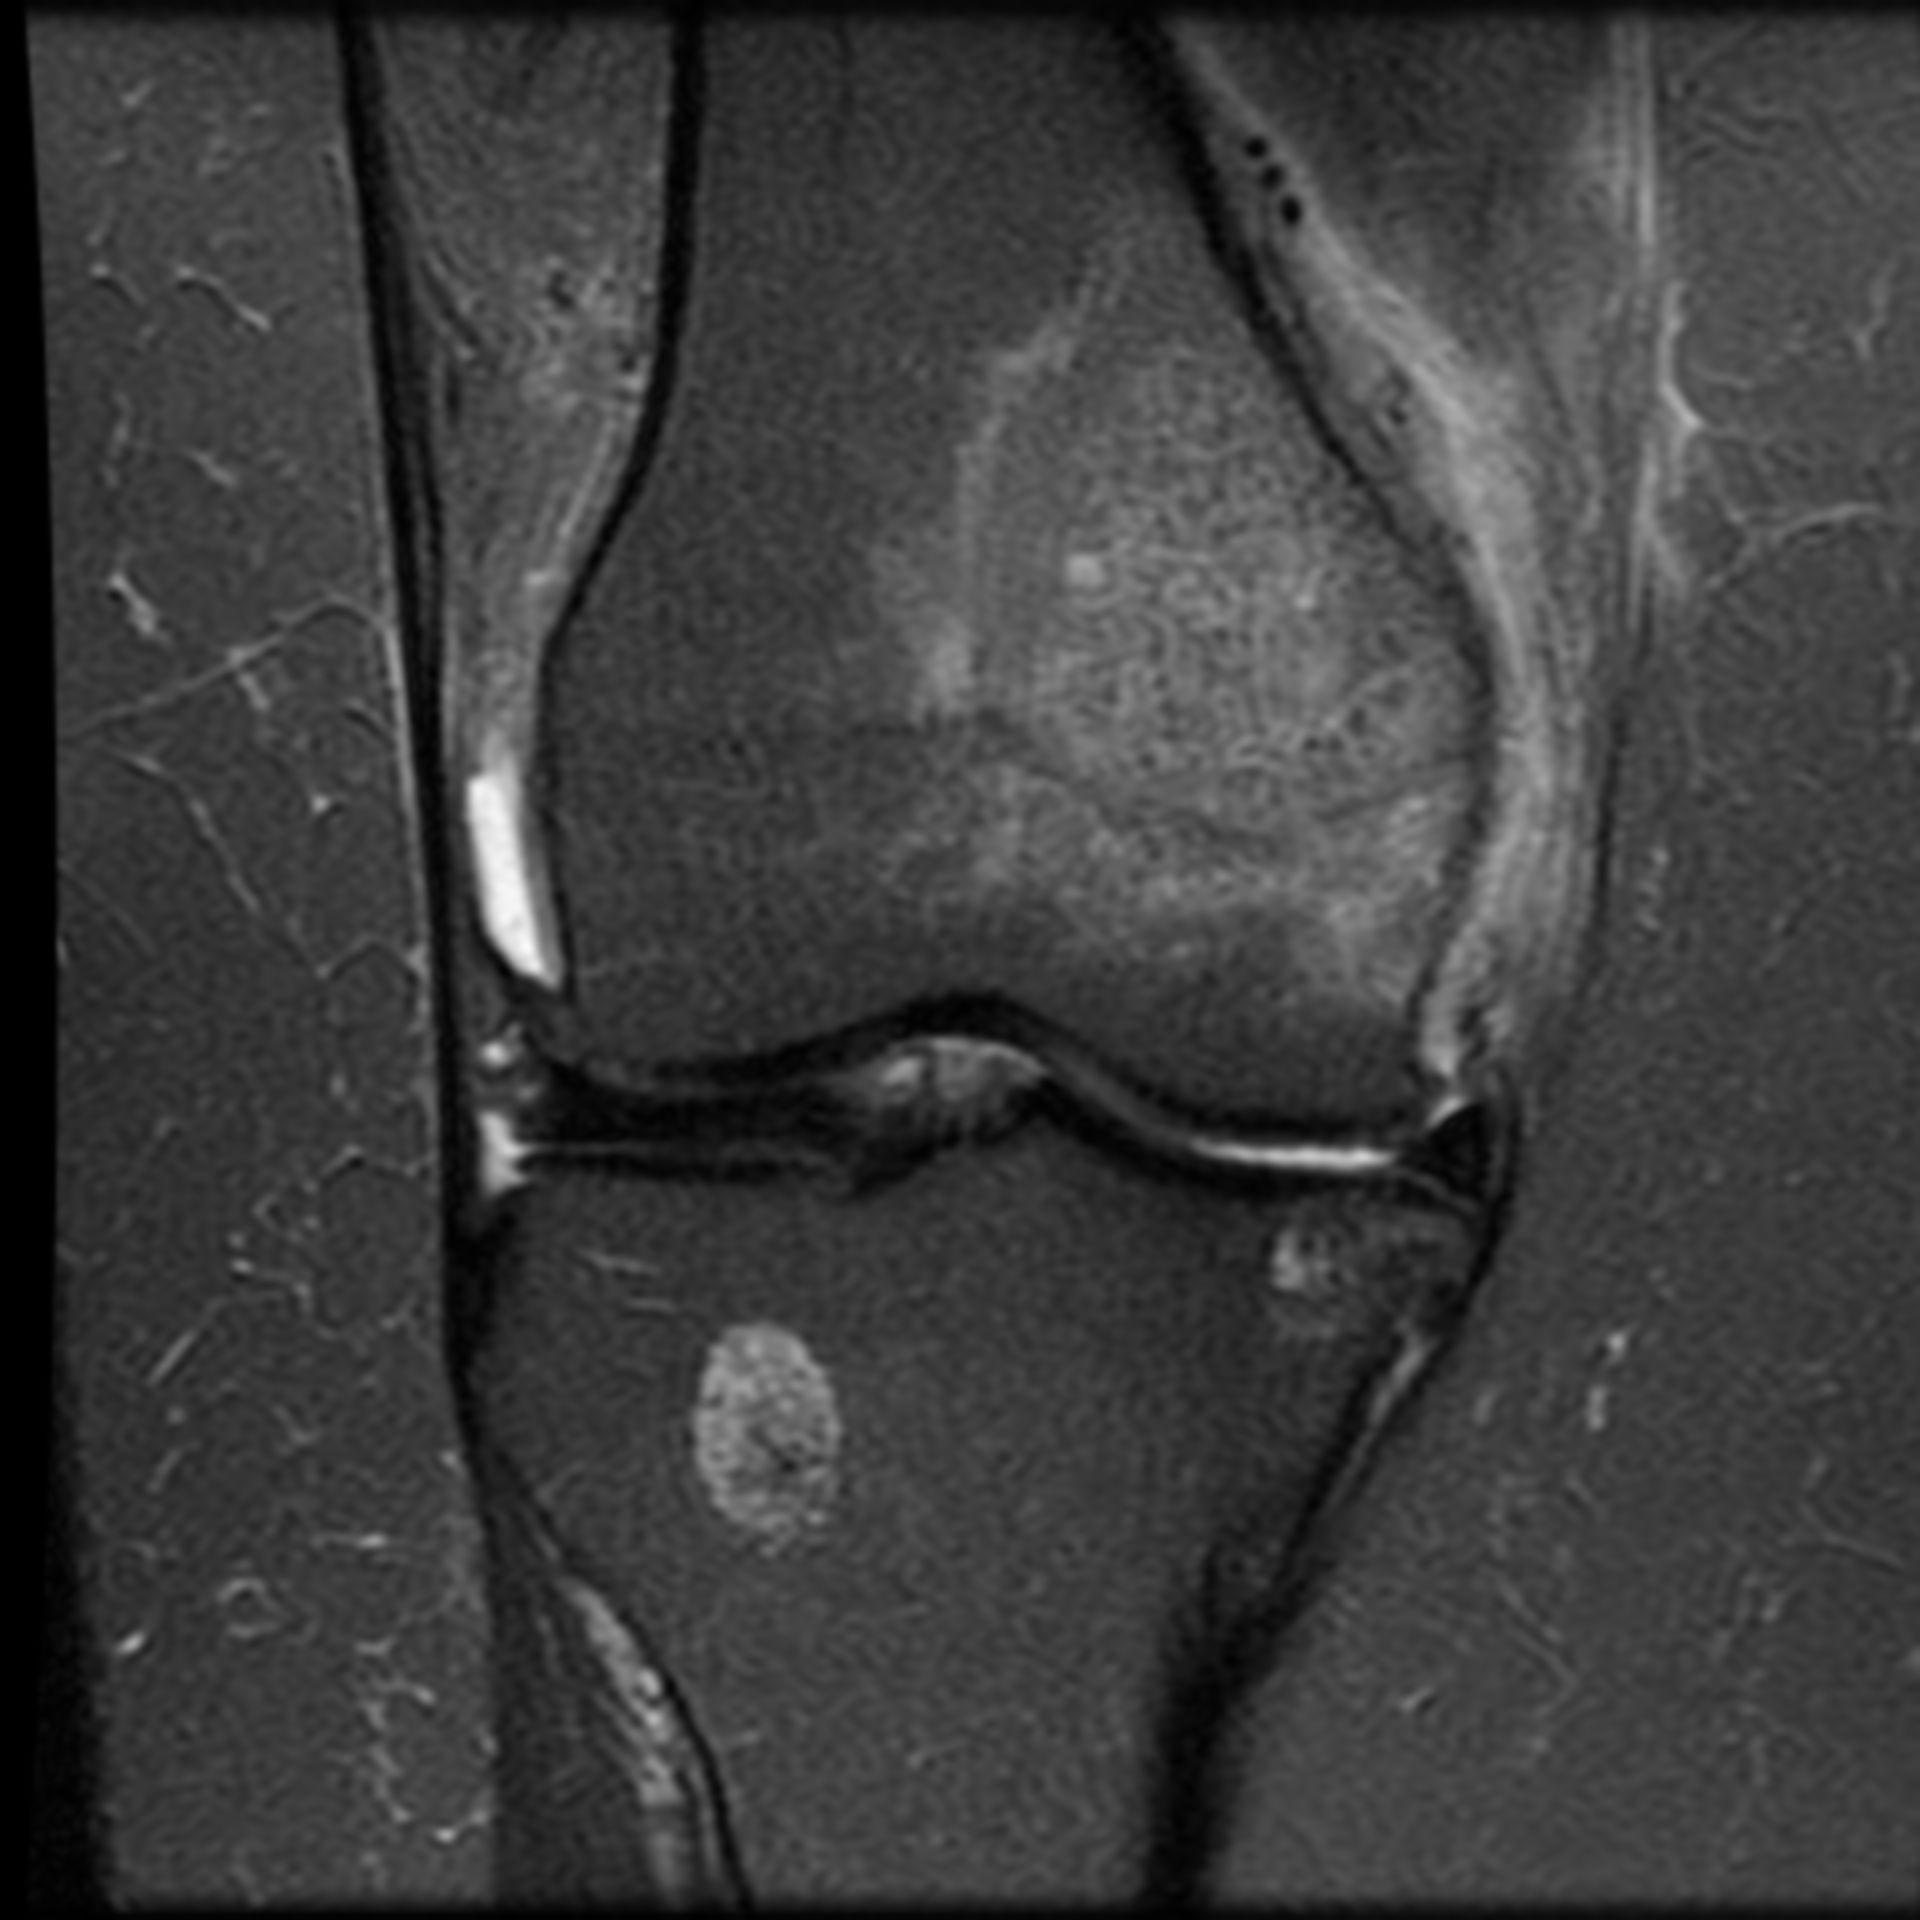 Brustkrebs-Metastase im Femur (MRT)